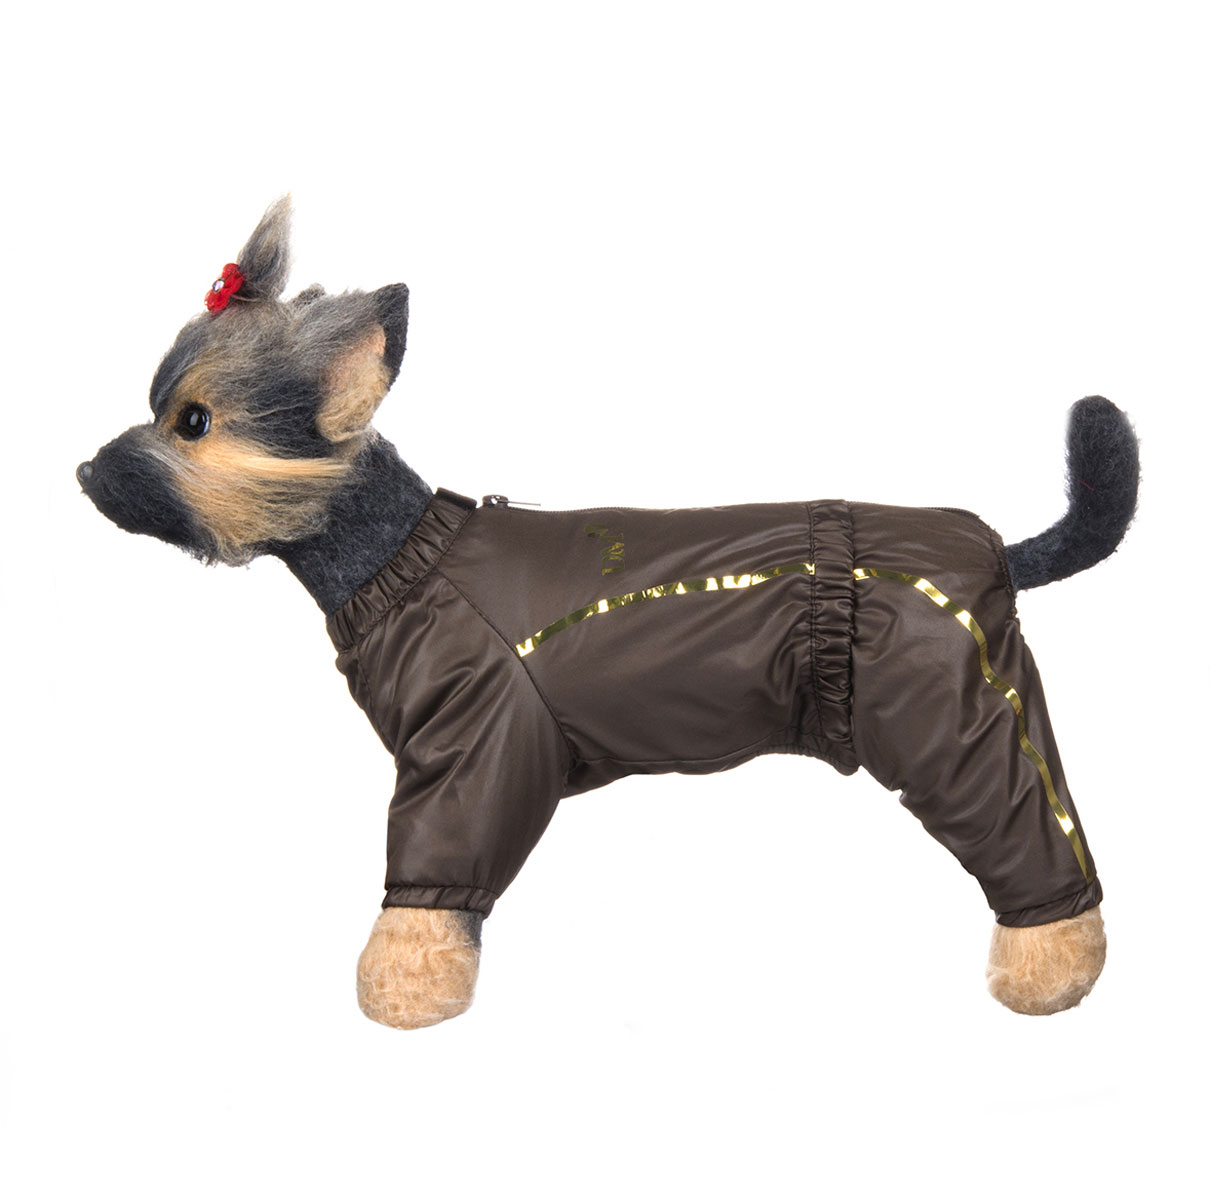 Комбинезон для собак Dogmoda Альпы, зимний, для мальчика, цвет: коричневый, бежевый. Размер 1 (S)DM-150352-1Зимний комбинезон для собак Dogmoda Альпы отлично подойдет для прогулок в зимнее время года. Комбинезон изготовлен из полиэстера, защищающего от ветра и снега, с утеплителем из синтепона, который сохранит тепло даже в сильные морозы, а на подкладке используется искусственный мех, который обеспечивает отличный воздухообмен. Комбинезон застегивается на молнию и липучку, благодаря чему его легко надевать и снимать. Ворот, низ рукавов и брючин оснащены внутренними резинками, которые мягко обхватывают шею и лапки, не позволяя просачиваться холодному воздуху. На пояснице имеется внутренняя резинка. Изделие декорировано золотистыми полосками и надписью DM.Благодаря такому комбинезону простуда не грозит вашему питомцу и он сможет испытать не сравнимое удовольствие от снежных игр и забав.Одежда для собак: нужна ли она и как её выбрать. Статья OZON Гид